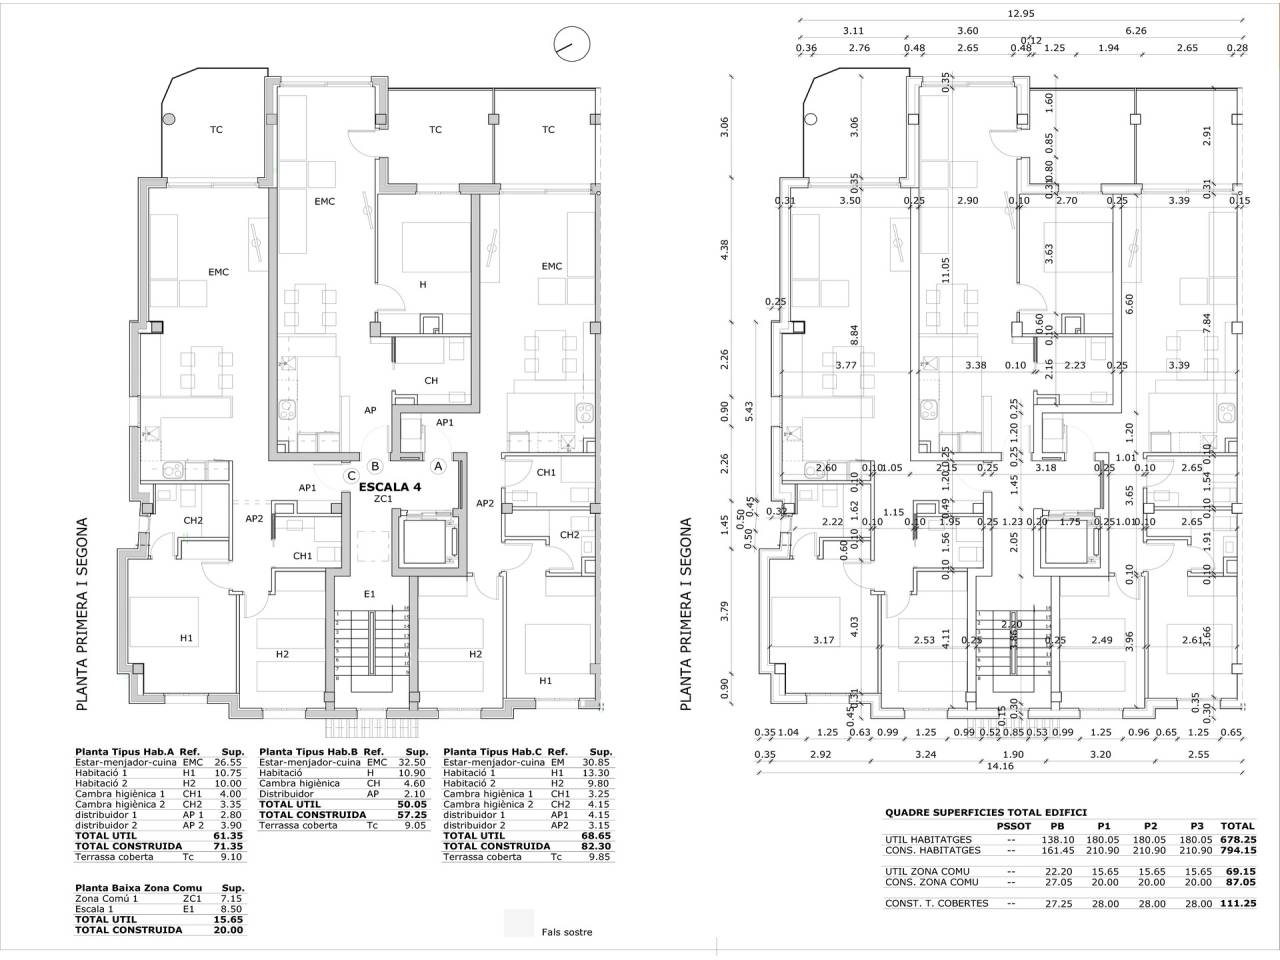 061245 - MIMOSES Wohnung im Bau mit Gemeinschaftsgärten und Swimmingpools